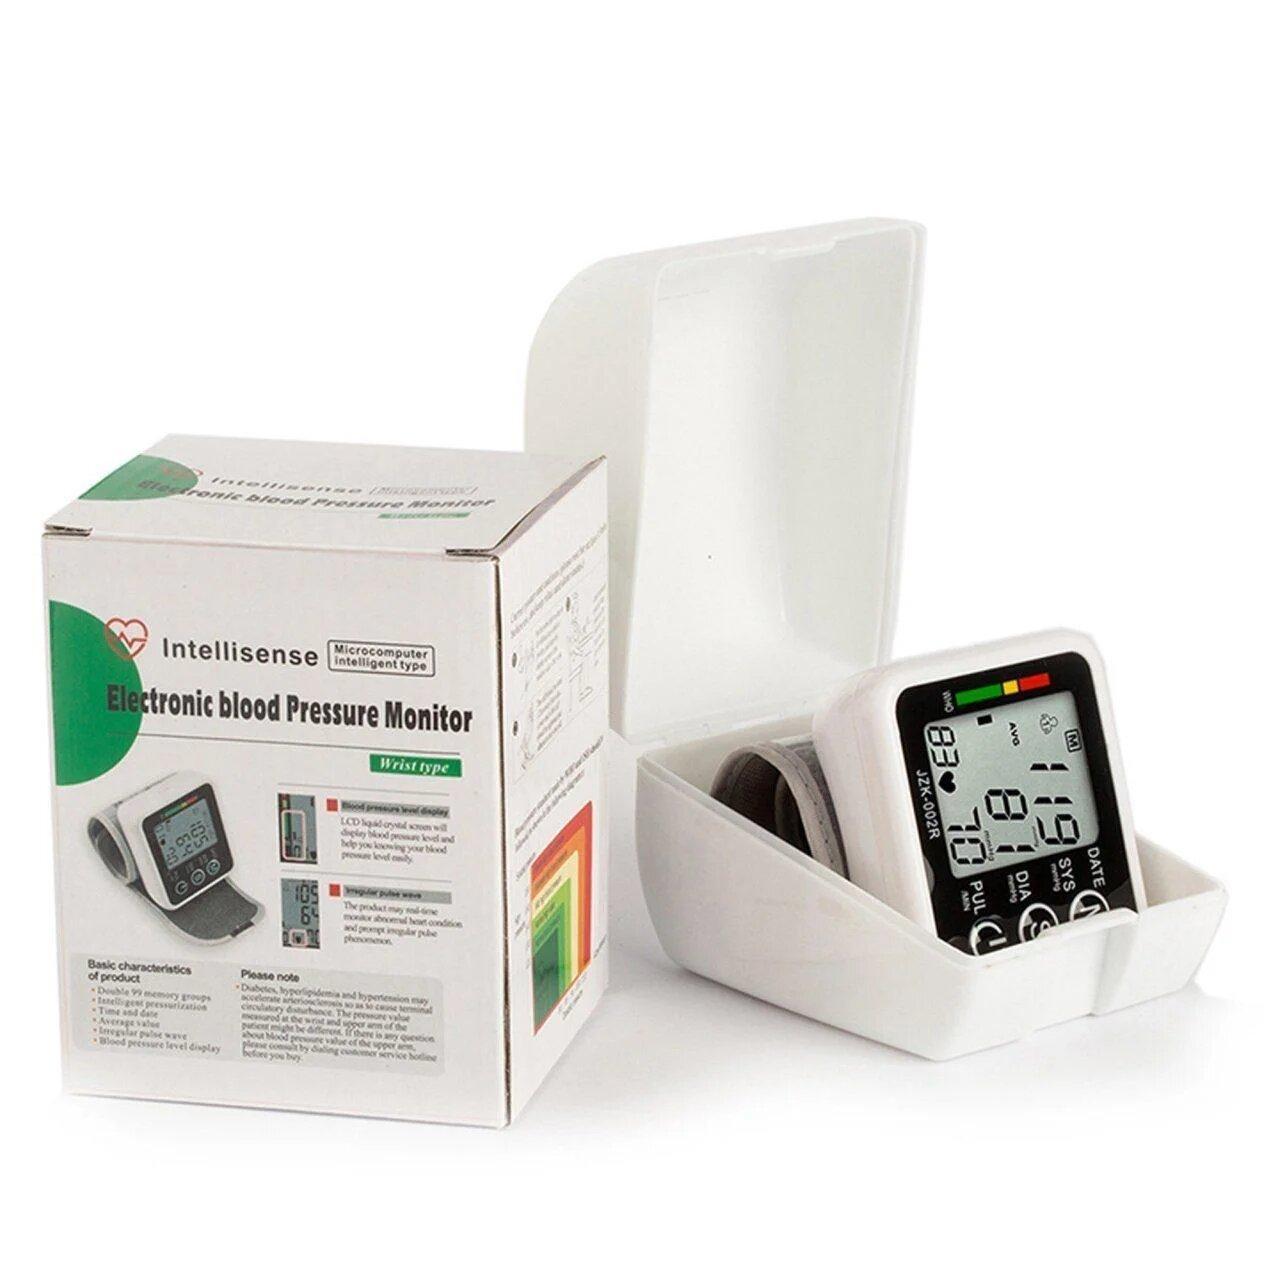 Тонометр Электронный на запястье Измеритель давления - фото 2